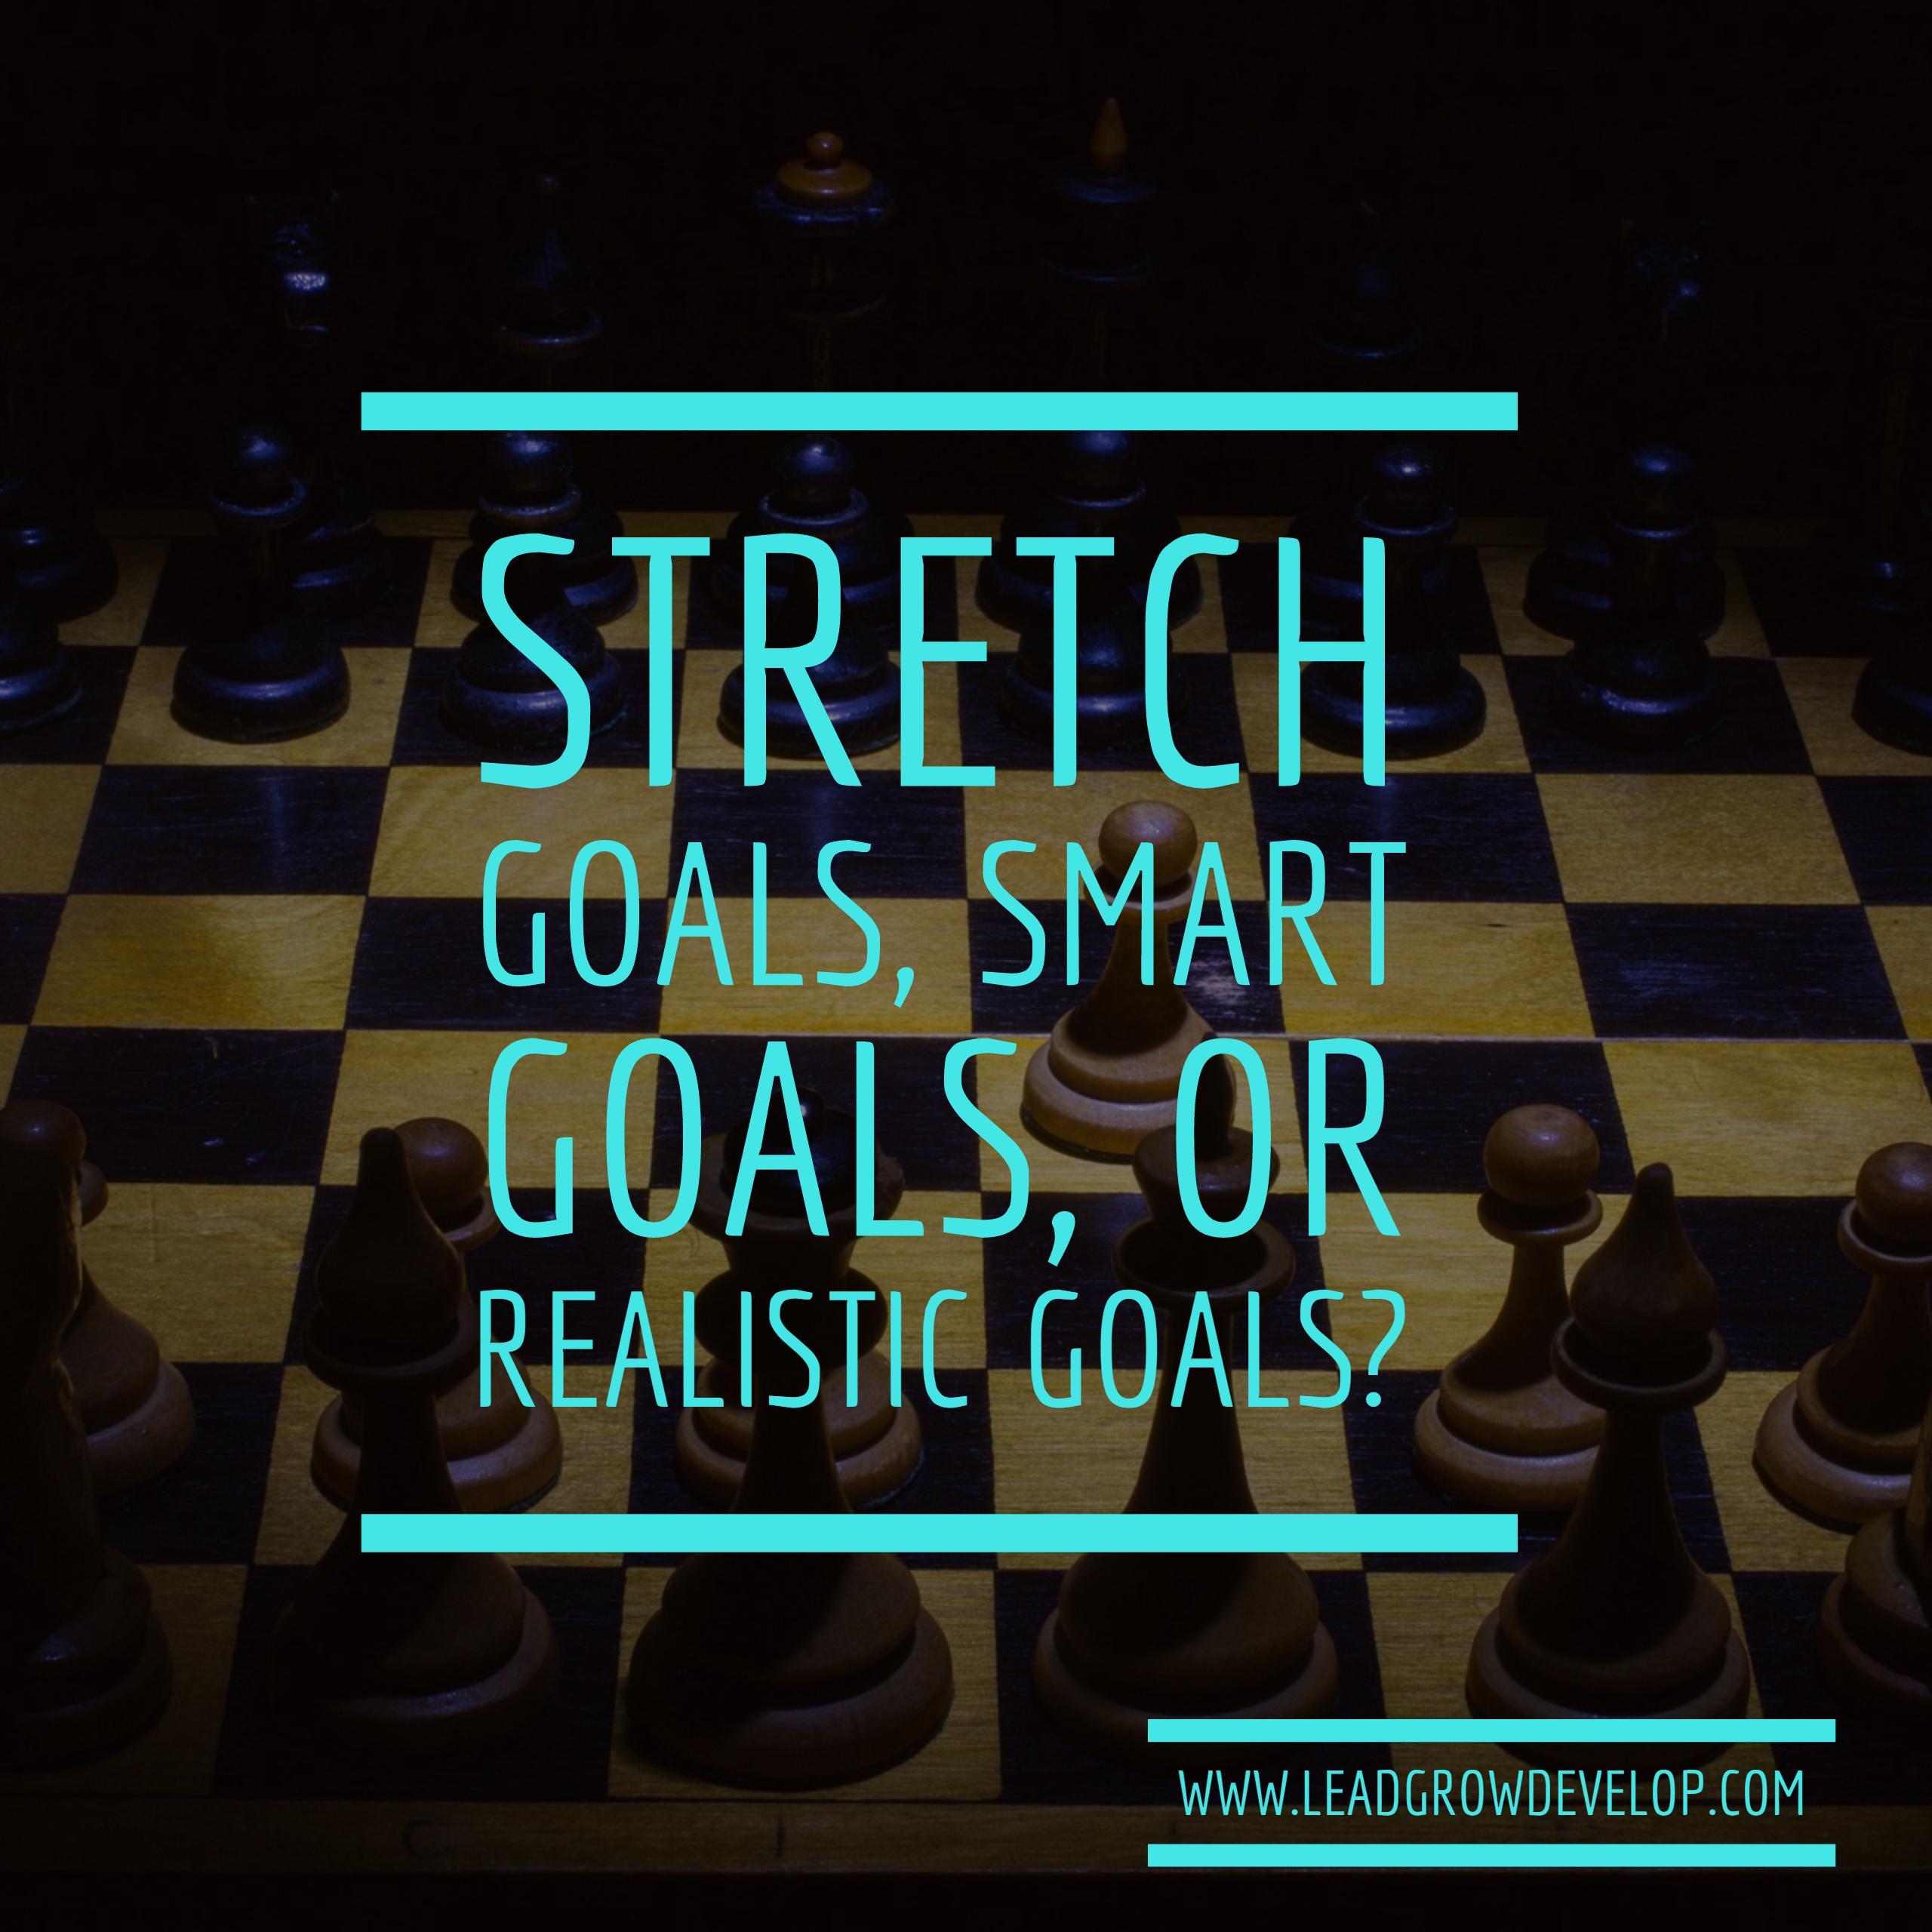 stretch-goals-smart-goals-realistic-goals